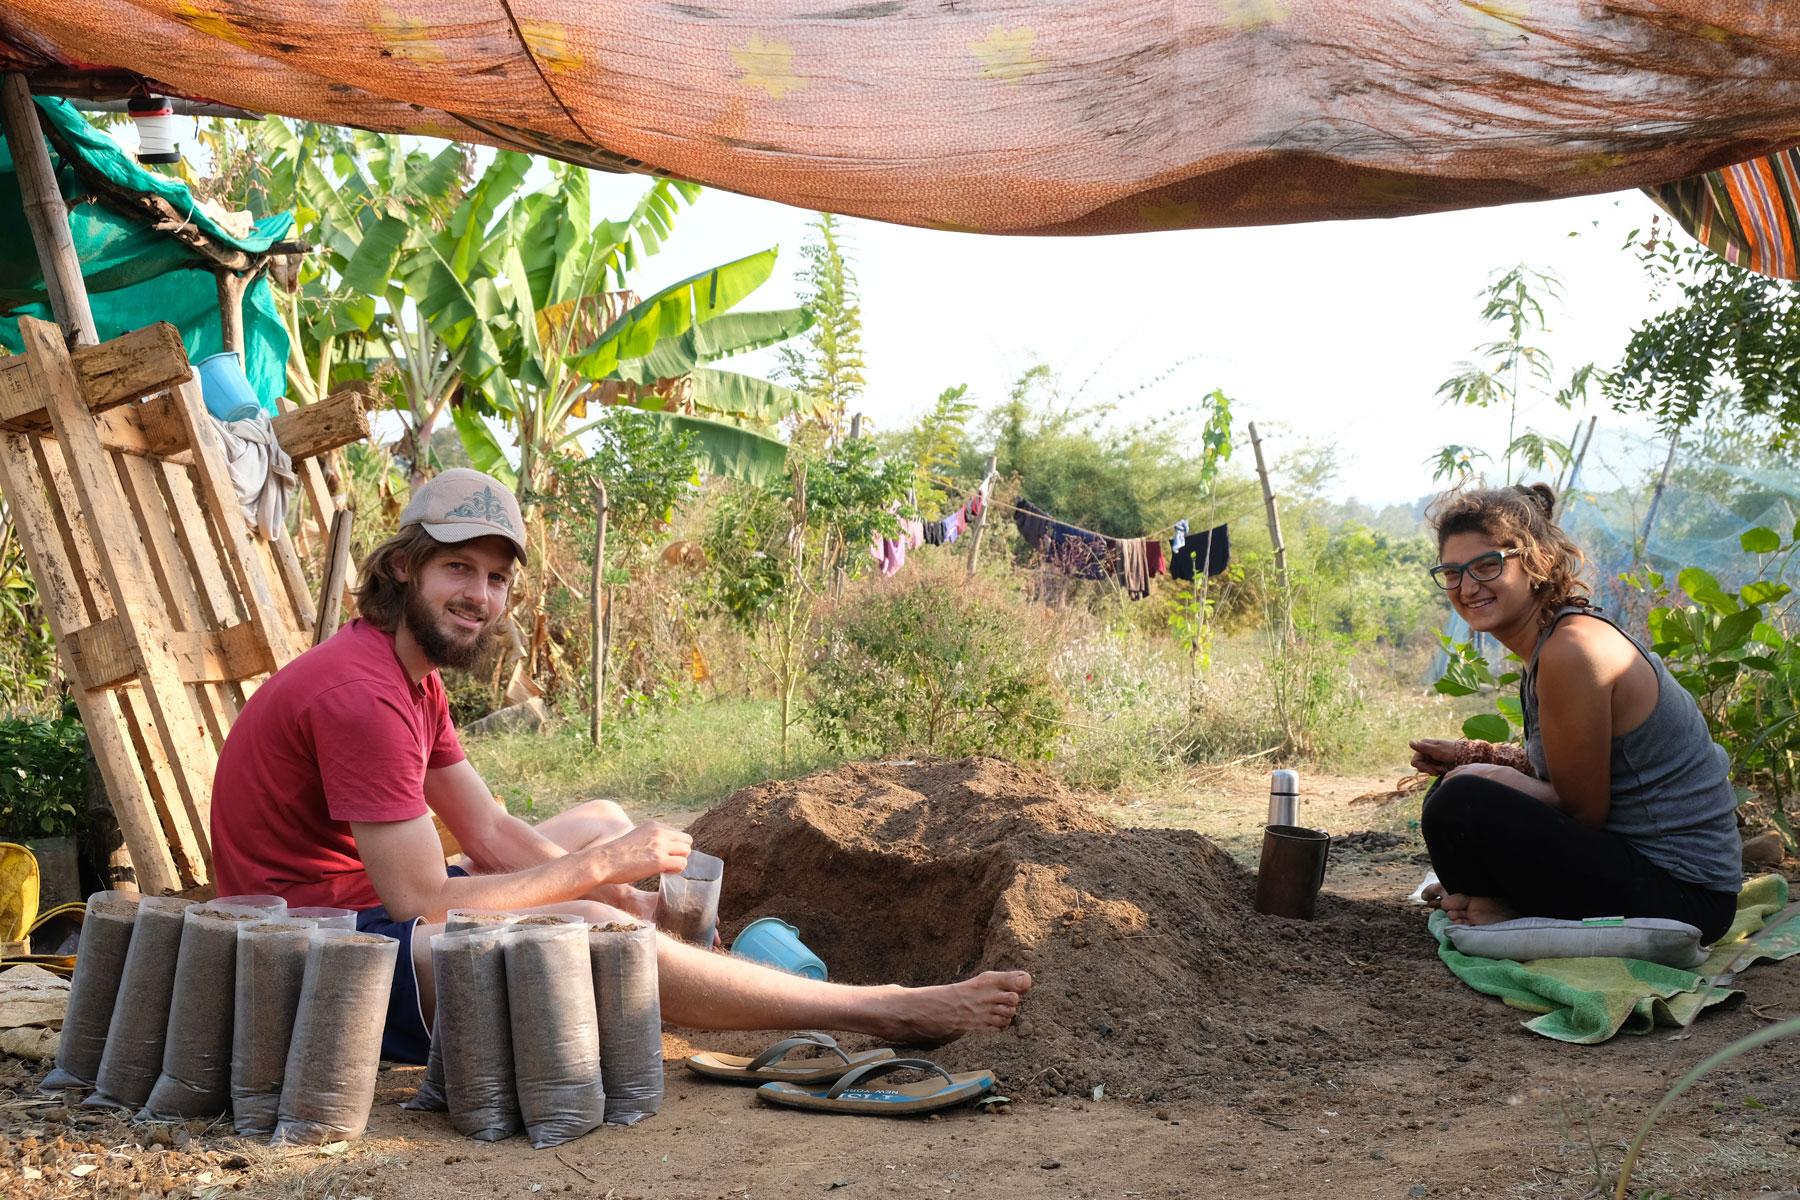 Sebastian füllt mit einer Freiwilligen beim Workaway Erde in Säckchen.